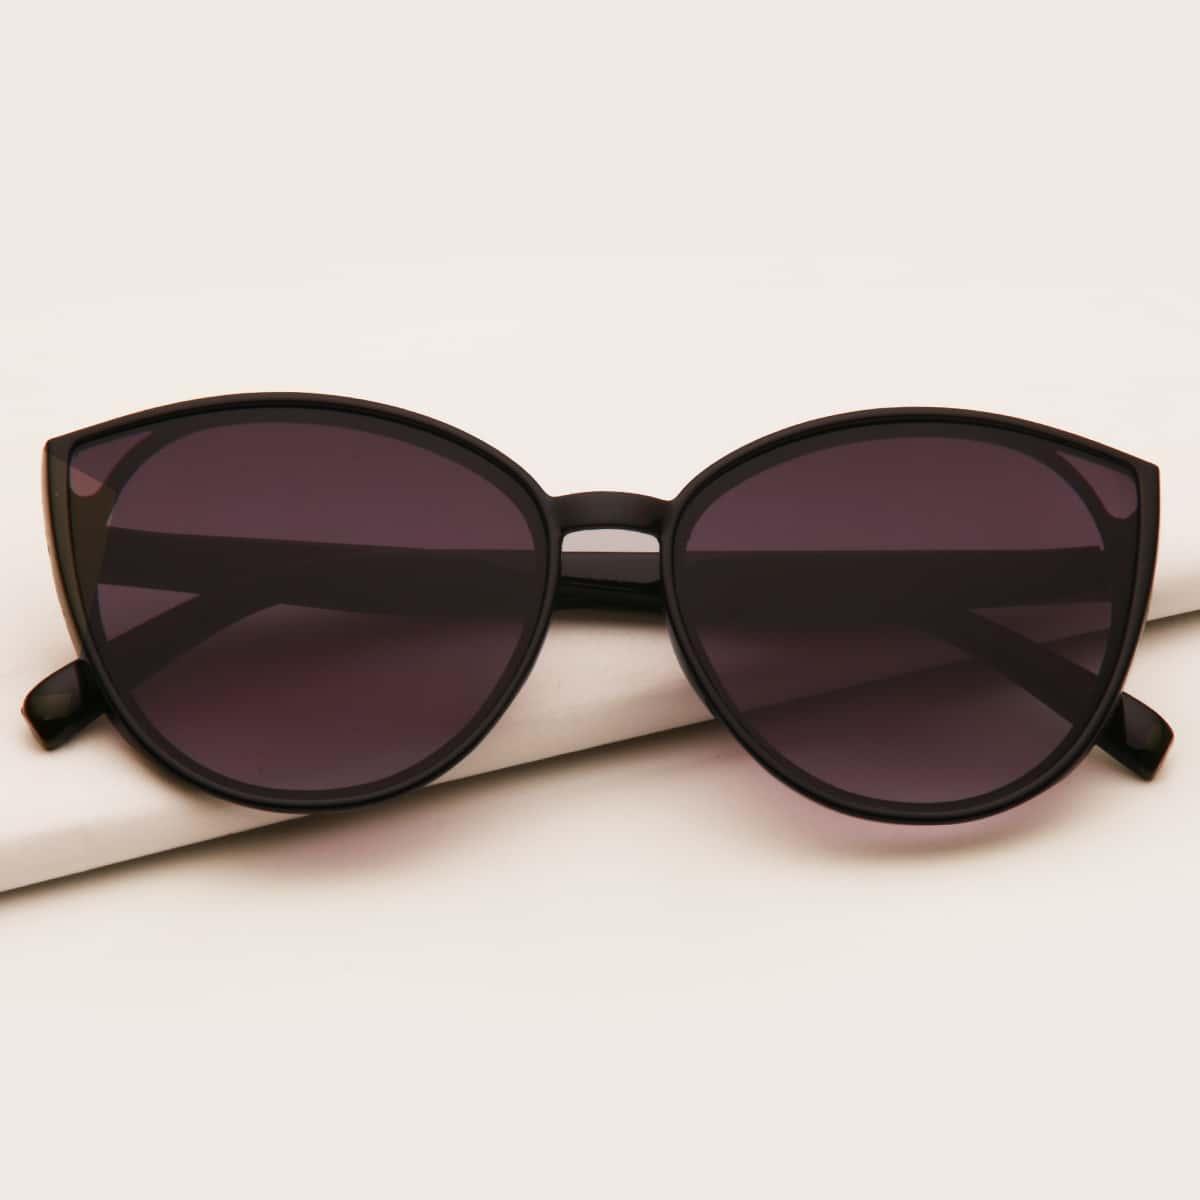 Детские солнечные очки в акриловой оправе фото